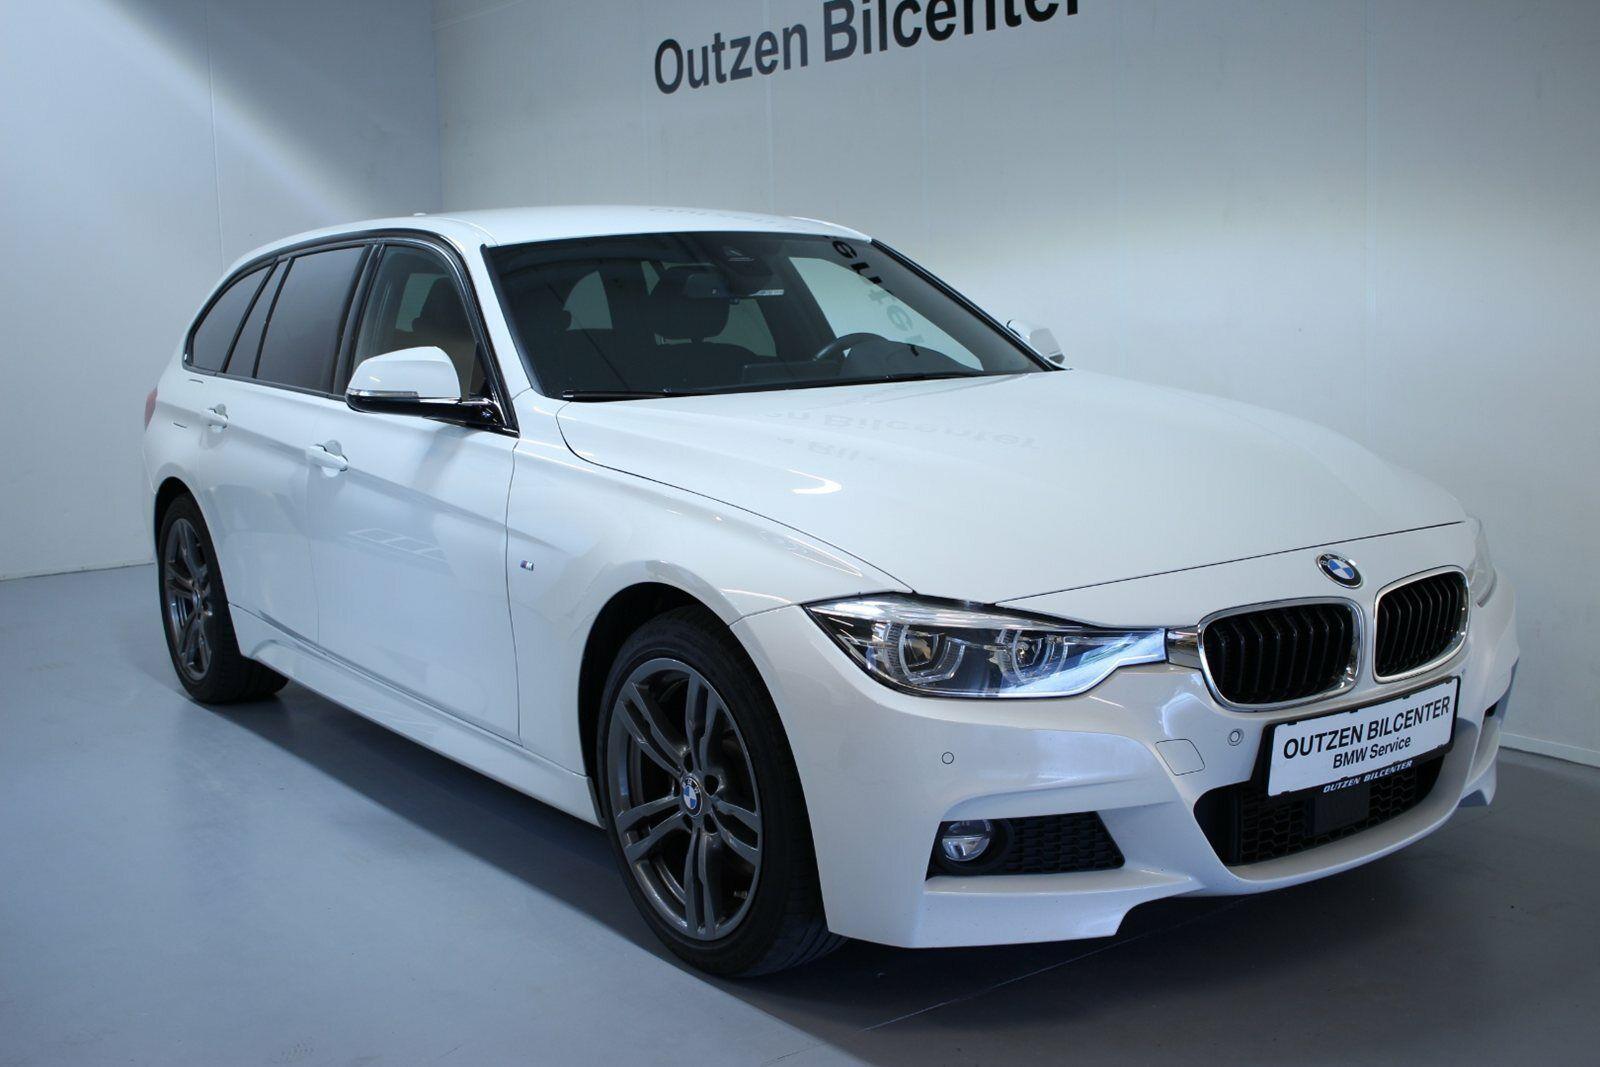 BMW 330d 3,0 Touring xDrive aut. 5d - 479.900 kr.